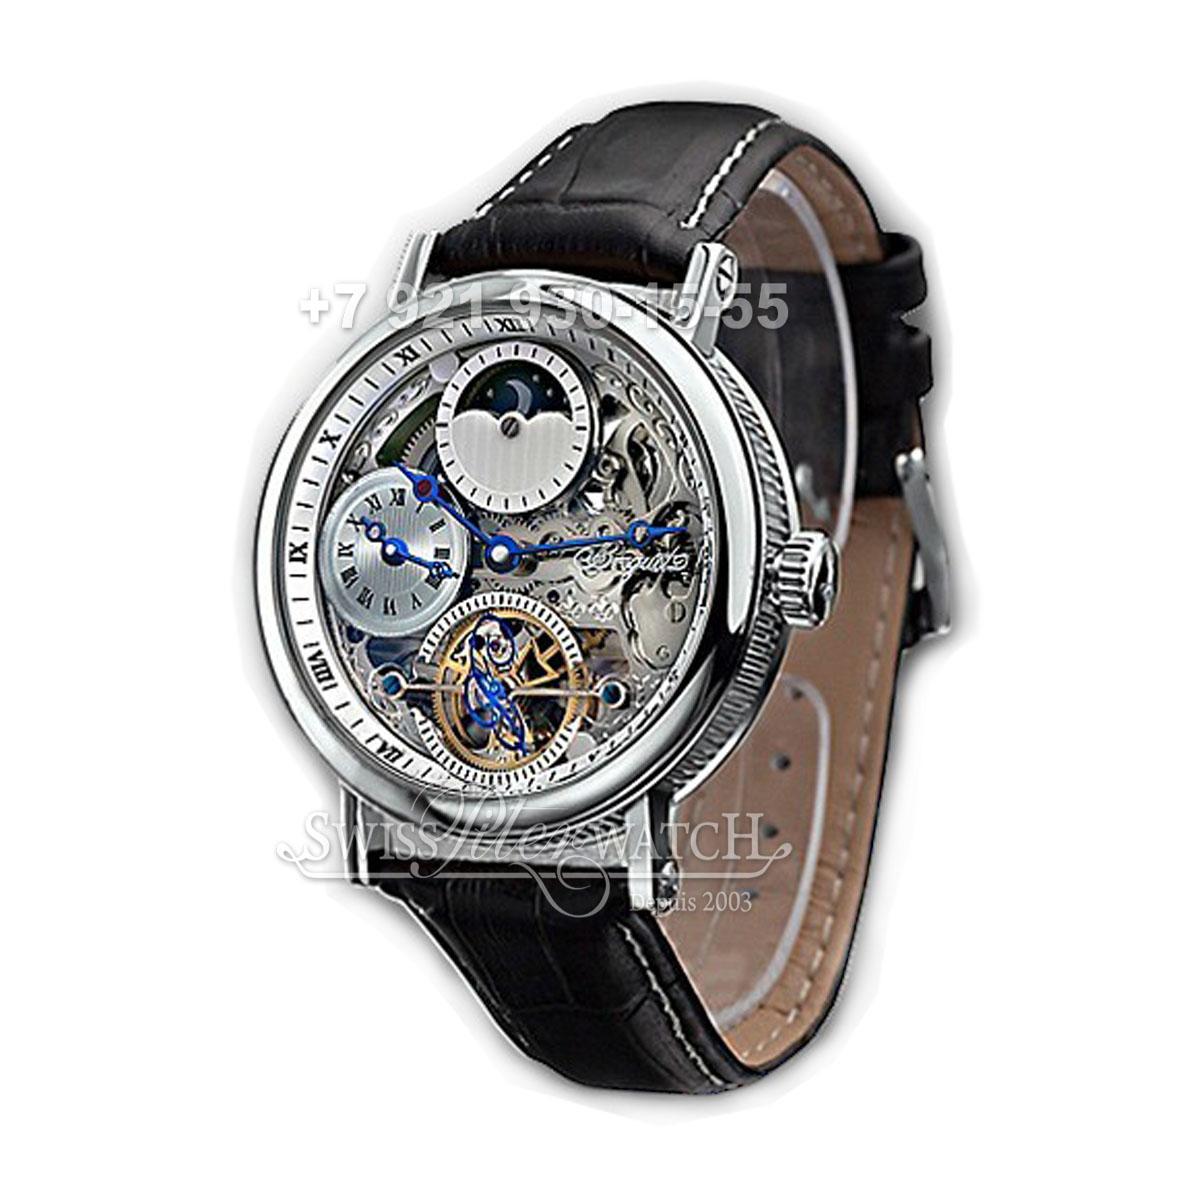 Часы продать бригет швейцарские бирюлево ломбард